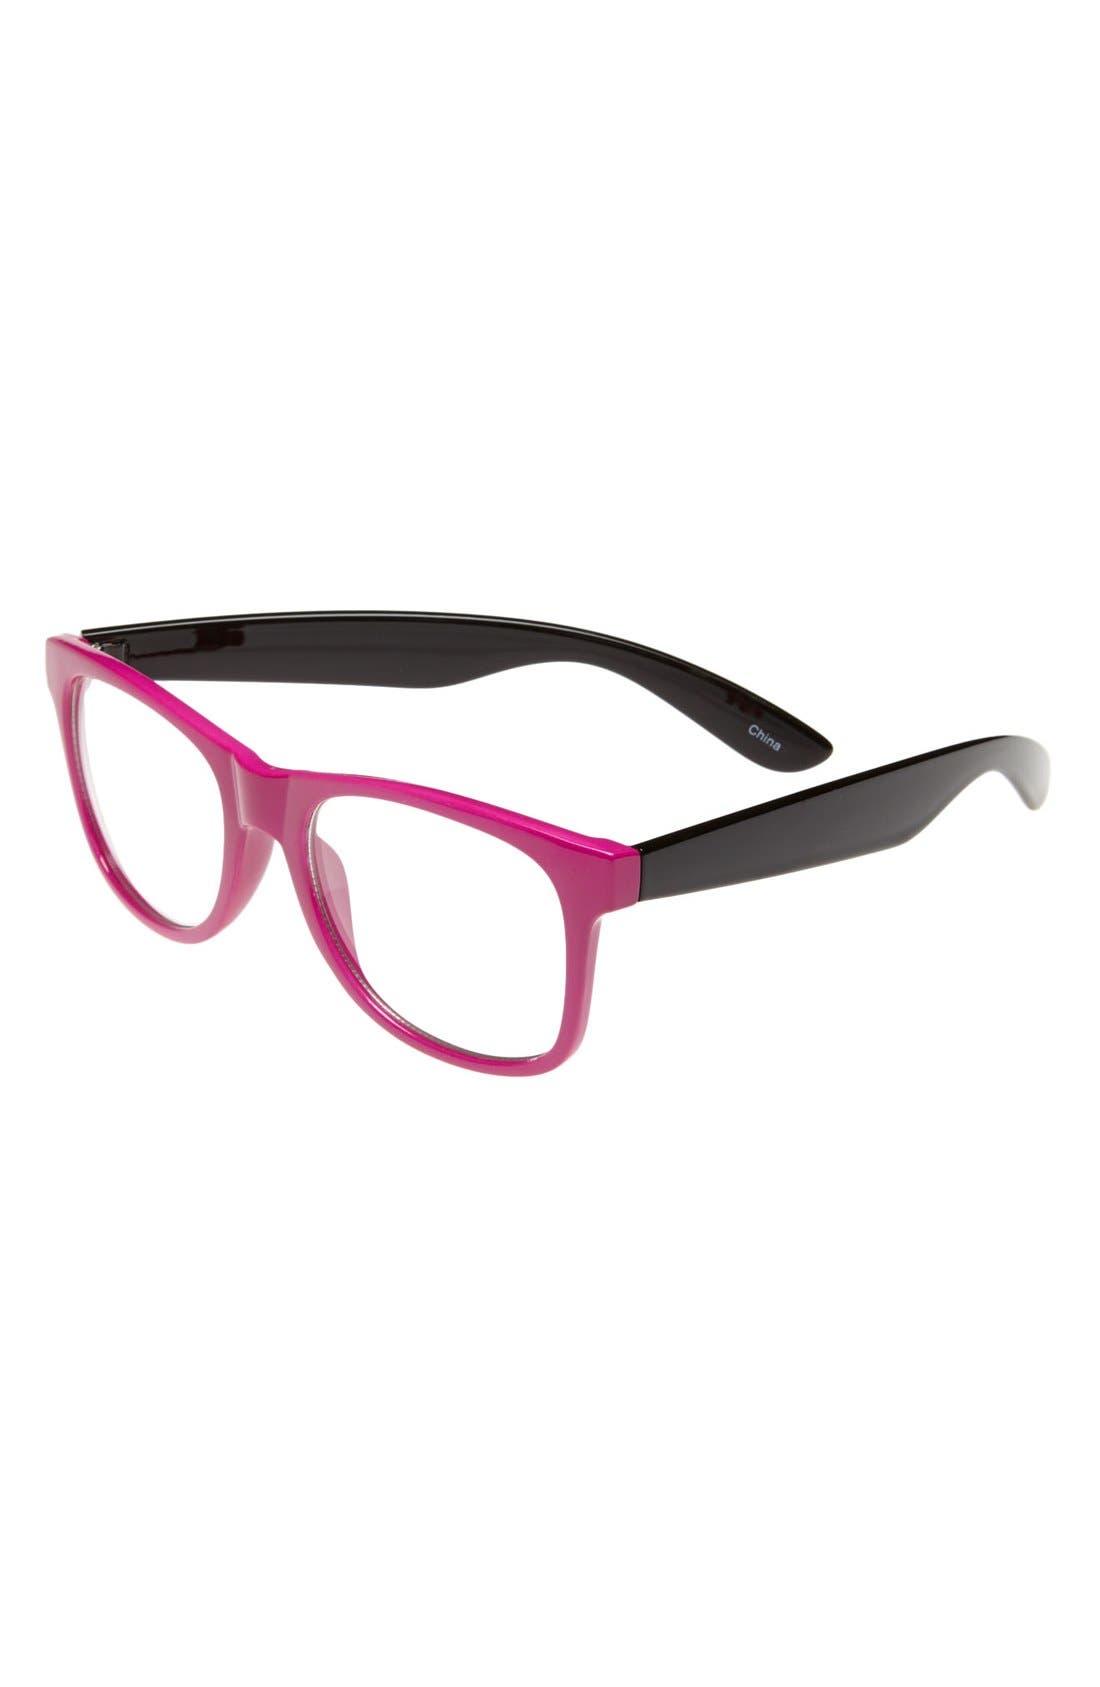 Alternate Image 1 Selected - Icon Eyewear Retro Sunglasses